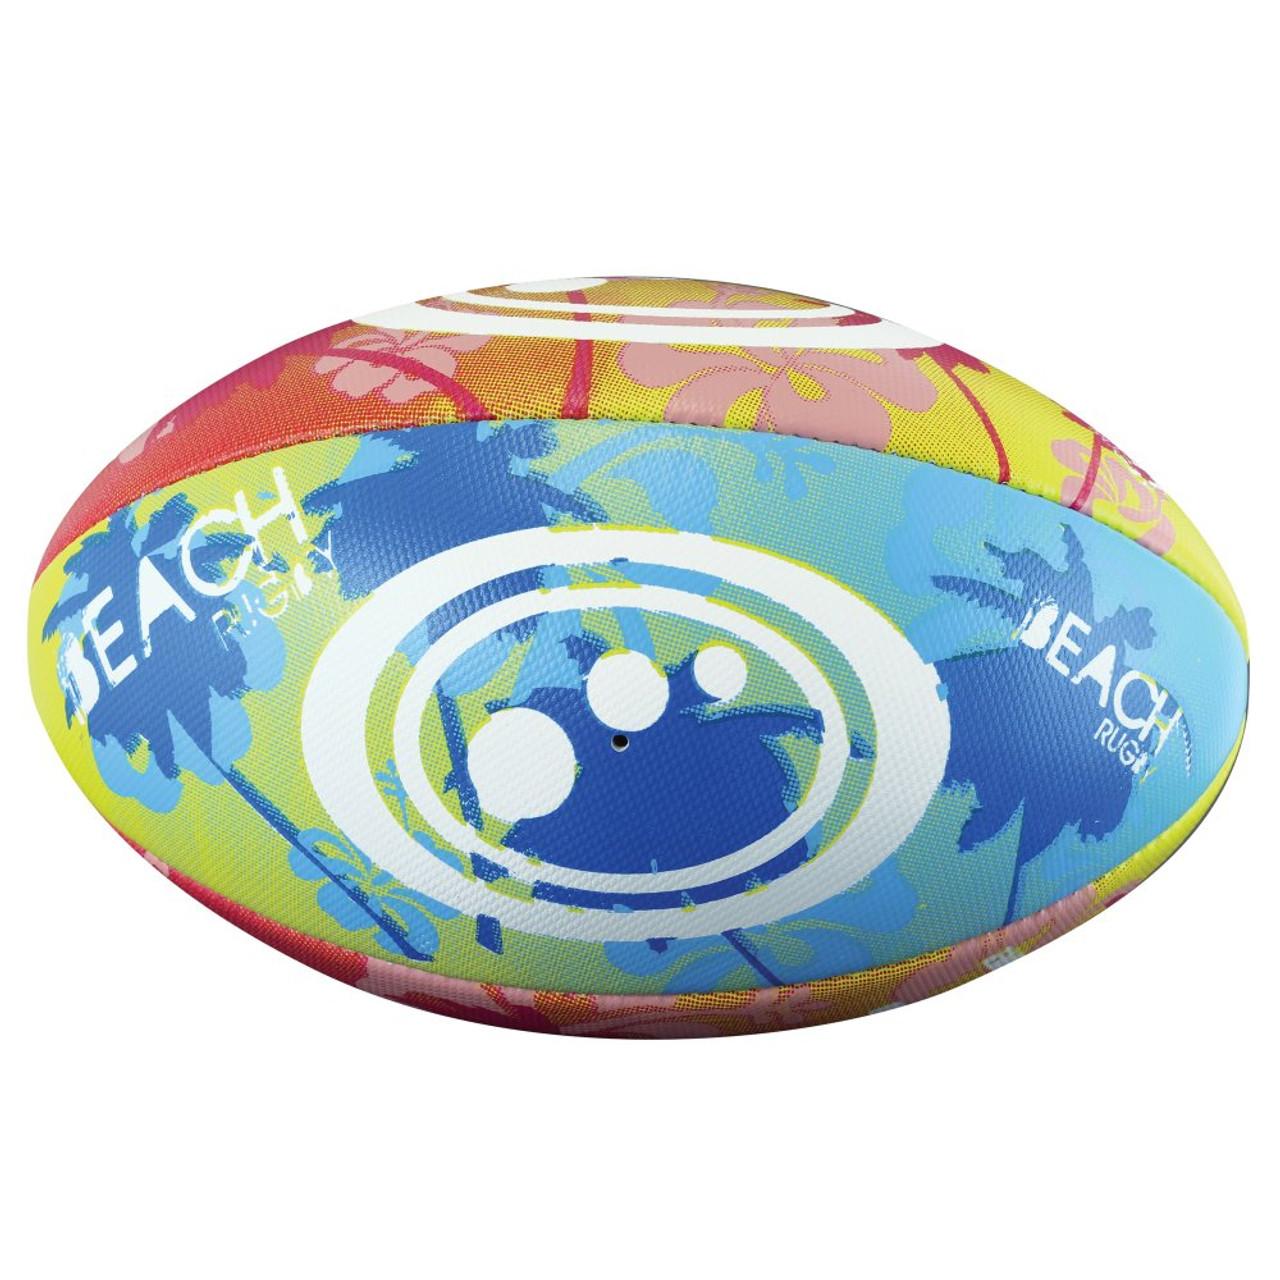 Optimum Beach Rugby Ball Size 5